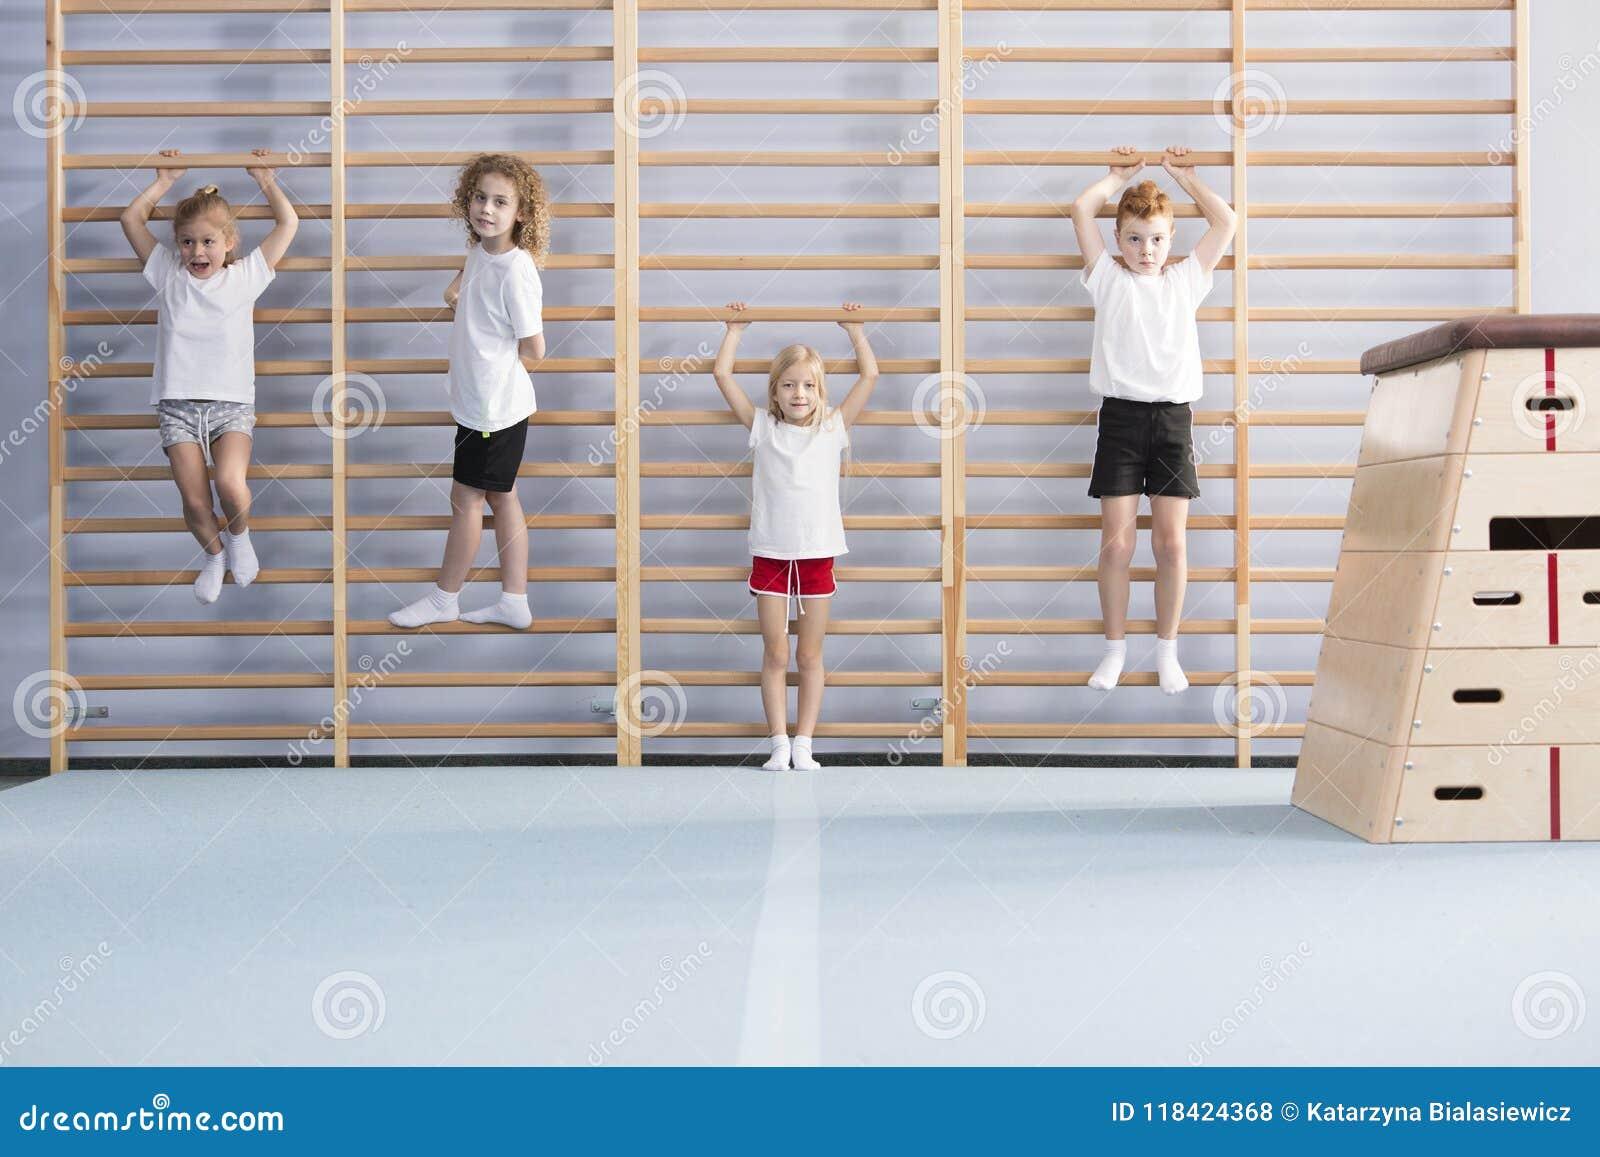 School boys on wall bars